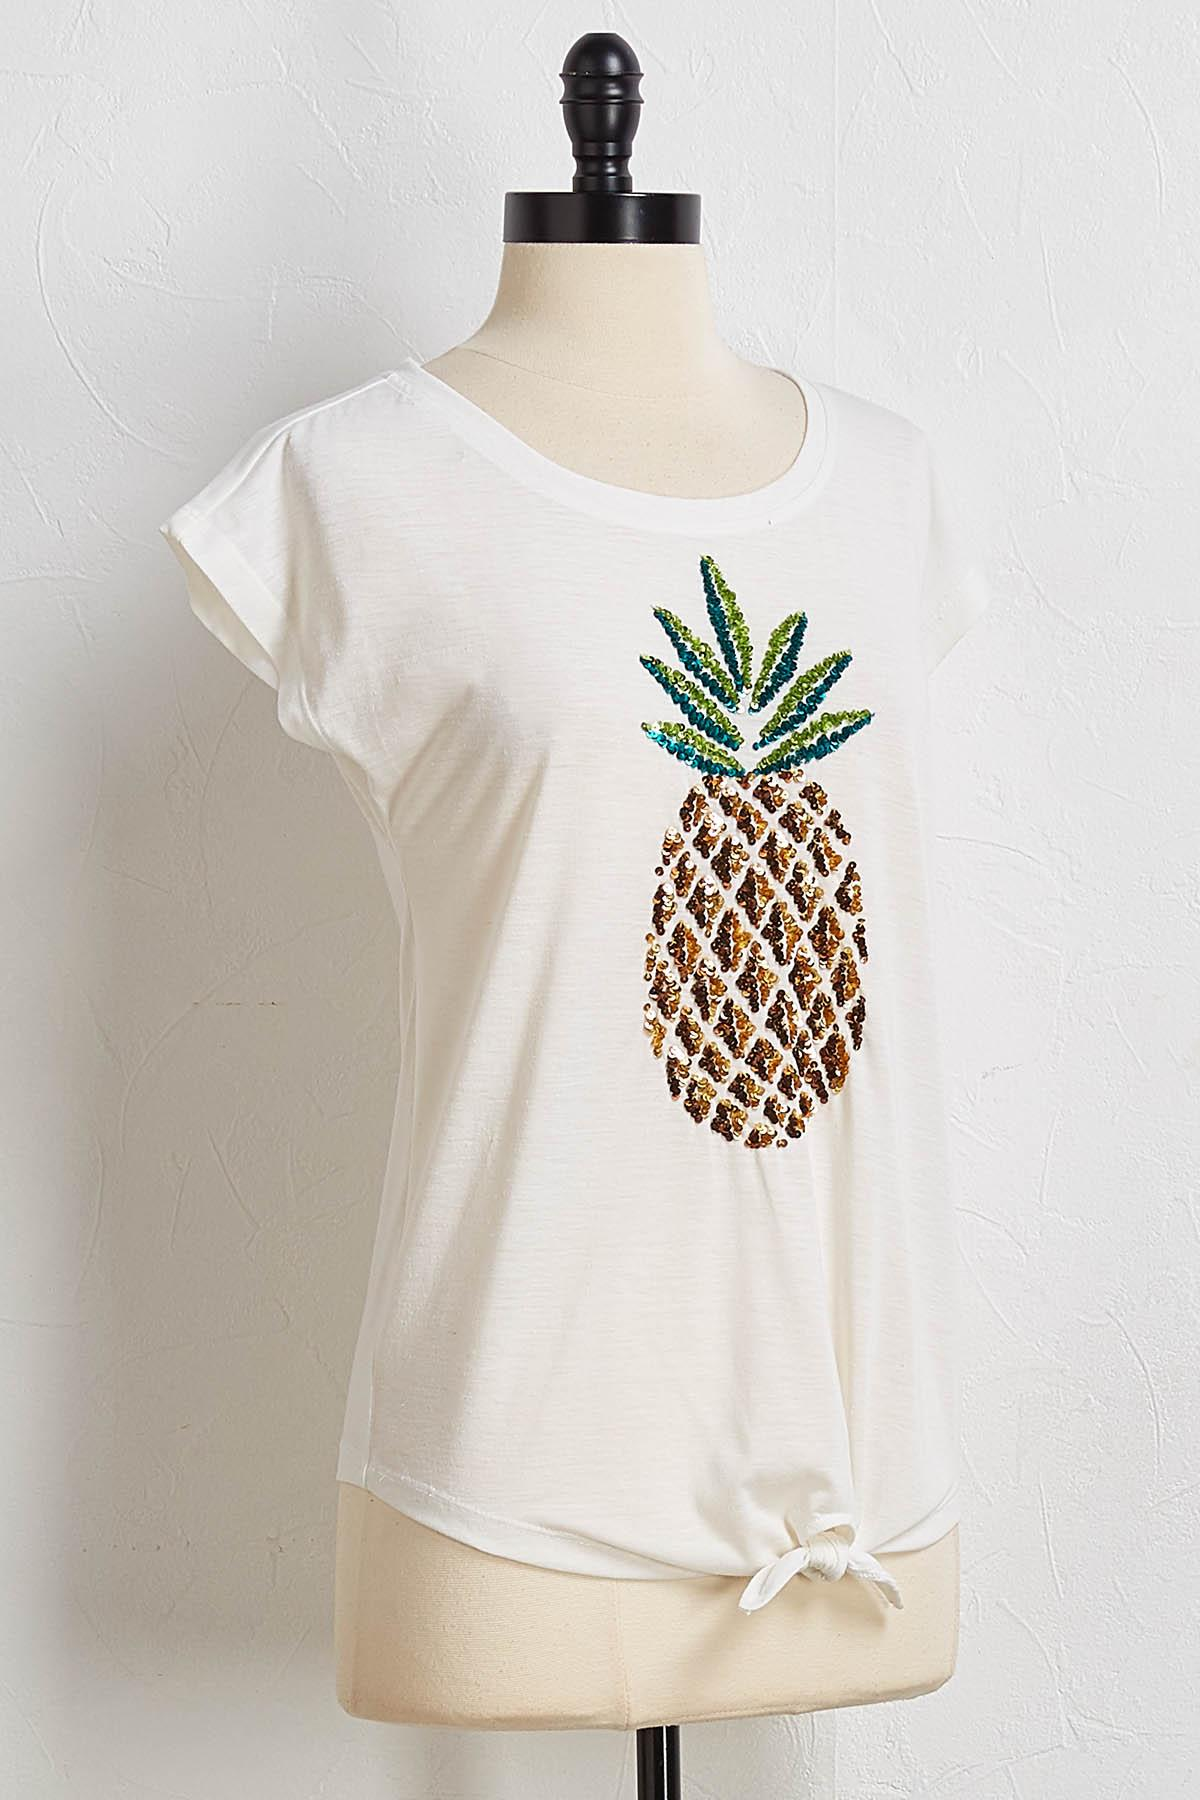 Pineapple Sequin Tee